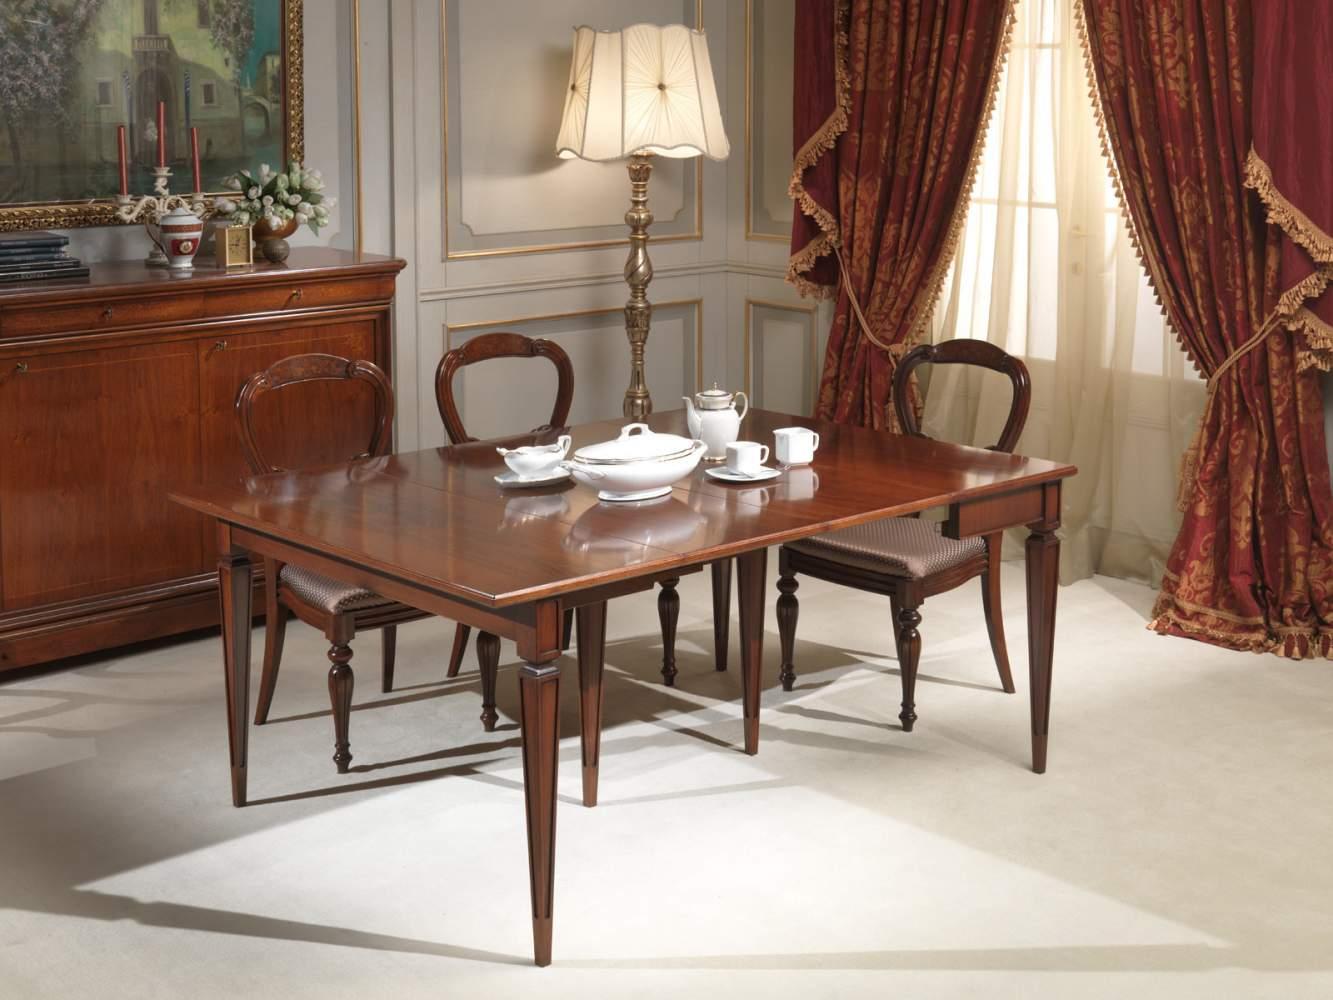 Tavolo consolle classico in noce parzialmente allungato